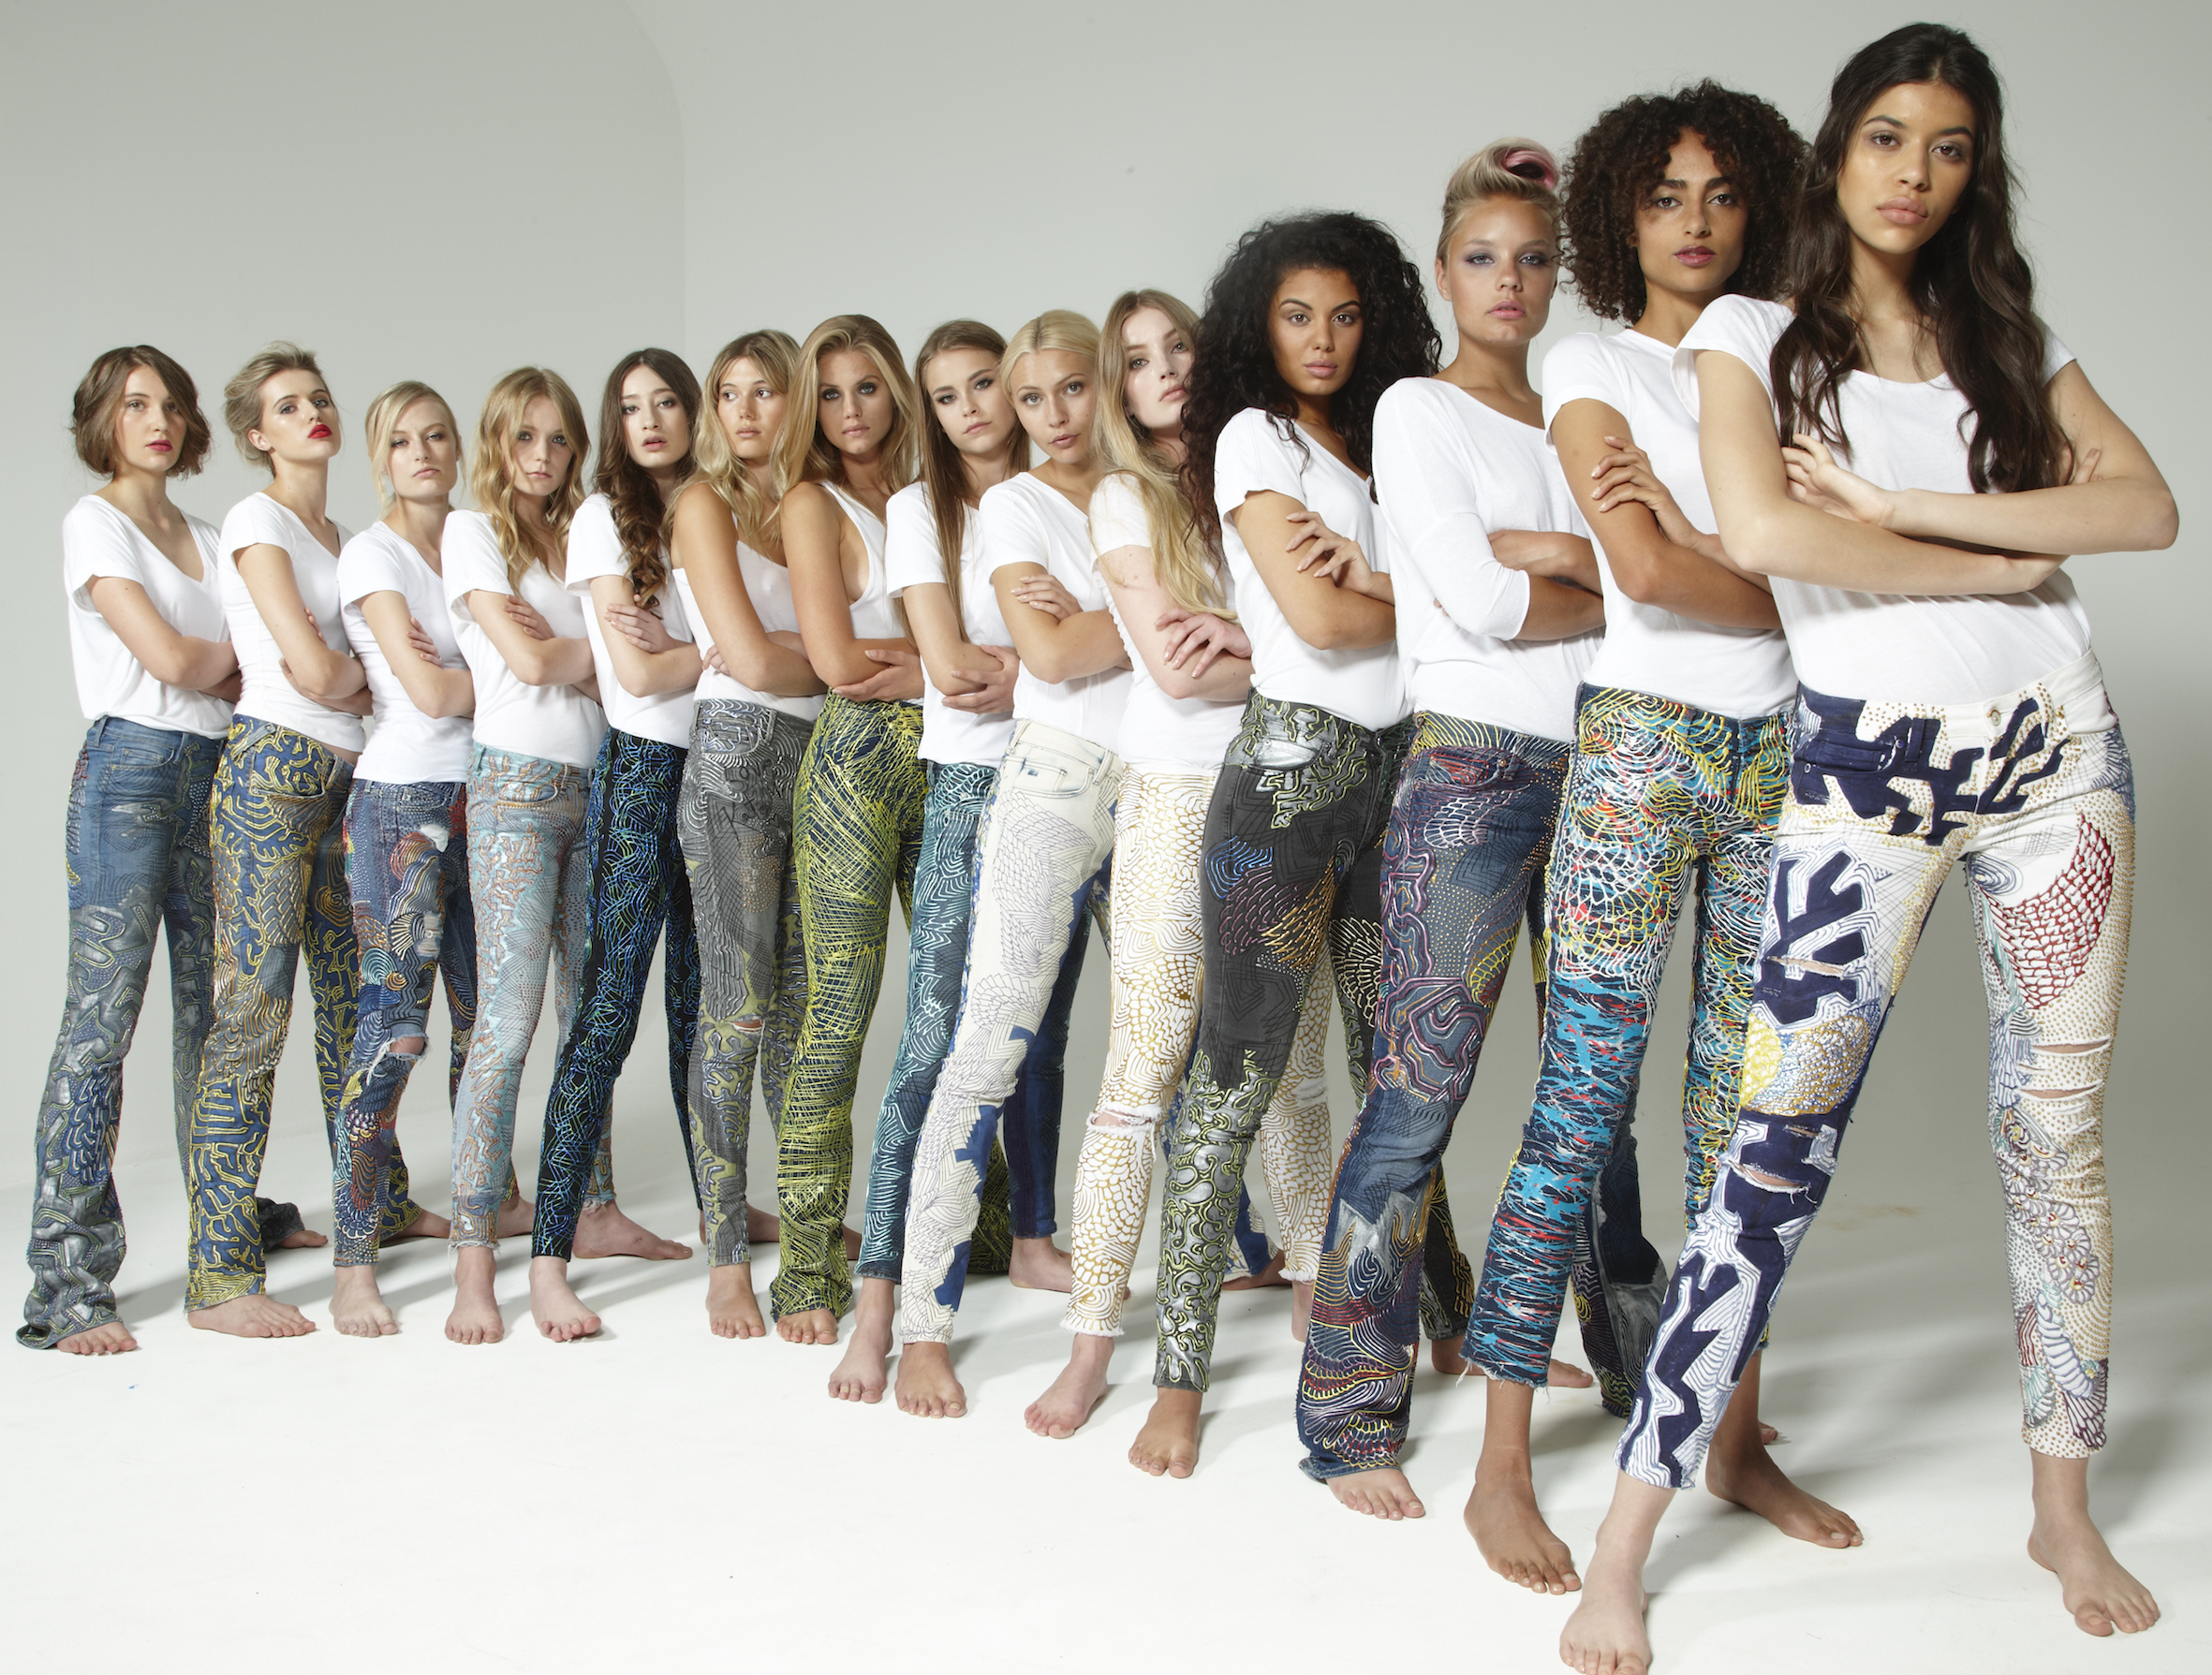 Jean'lerini boyadılar, mülteciler için açık arttırmaya çıkardılar